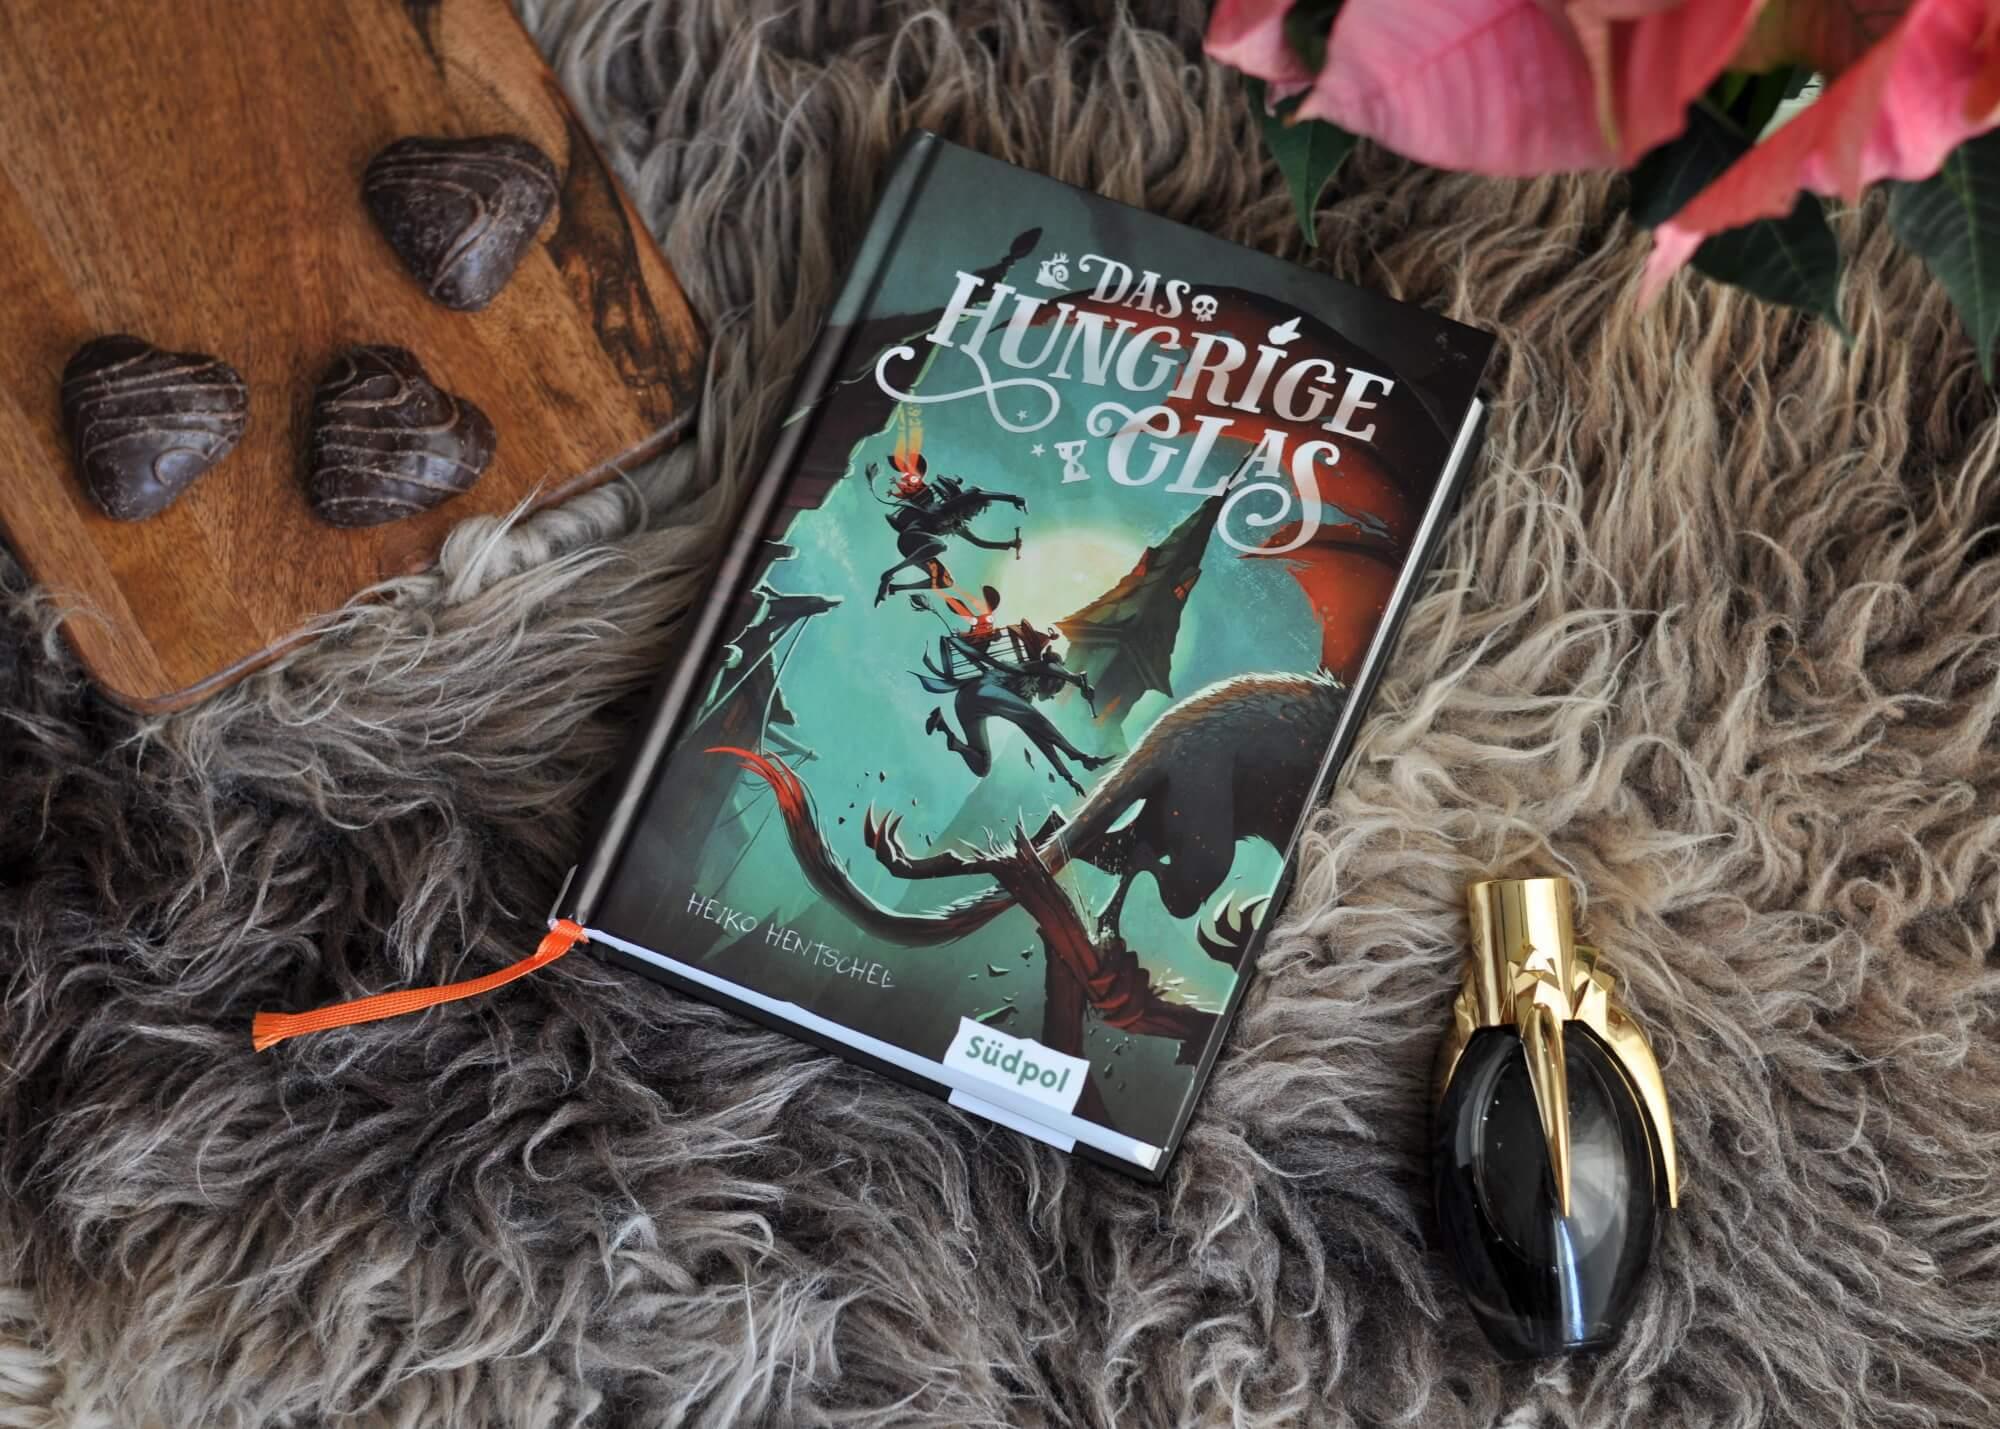 Moritz hat nur ein Ziel: seine Schwester aus den Klauen eines Ungeheuers zu befreien. Dabei trifft er auf den Monster- und Dämonenjäger Edgar und dessen geheimnisvolle Schwester Helene, die ihm bei seiner Suche helfen möchten. Doch sie ahnen nicht, dass die Bestie lediglich Diener einer höheren, weitaus bedrohlicheren Macht ist. #fantasy #monster #dämonen #deutschland #historisch #urban #kinderbuch #lesen #buch